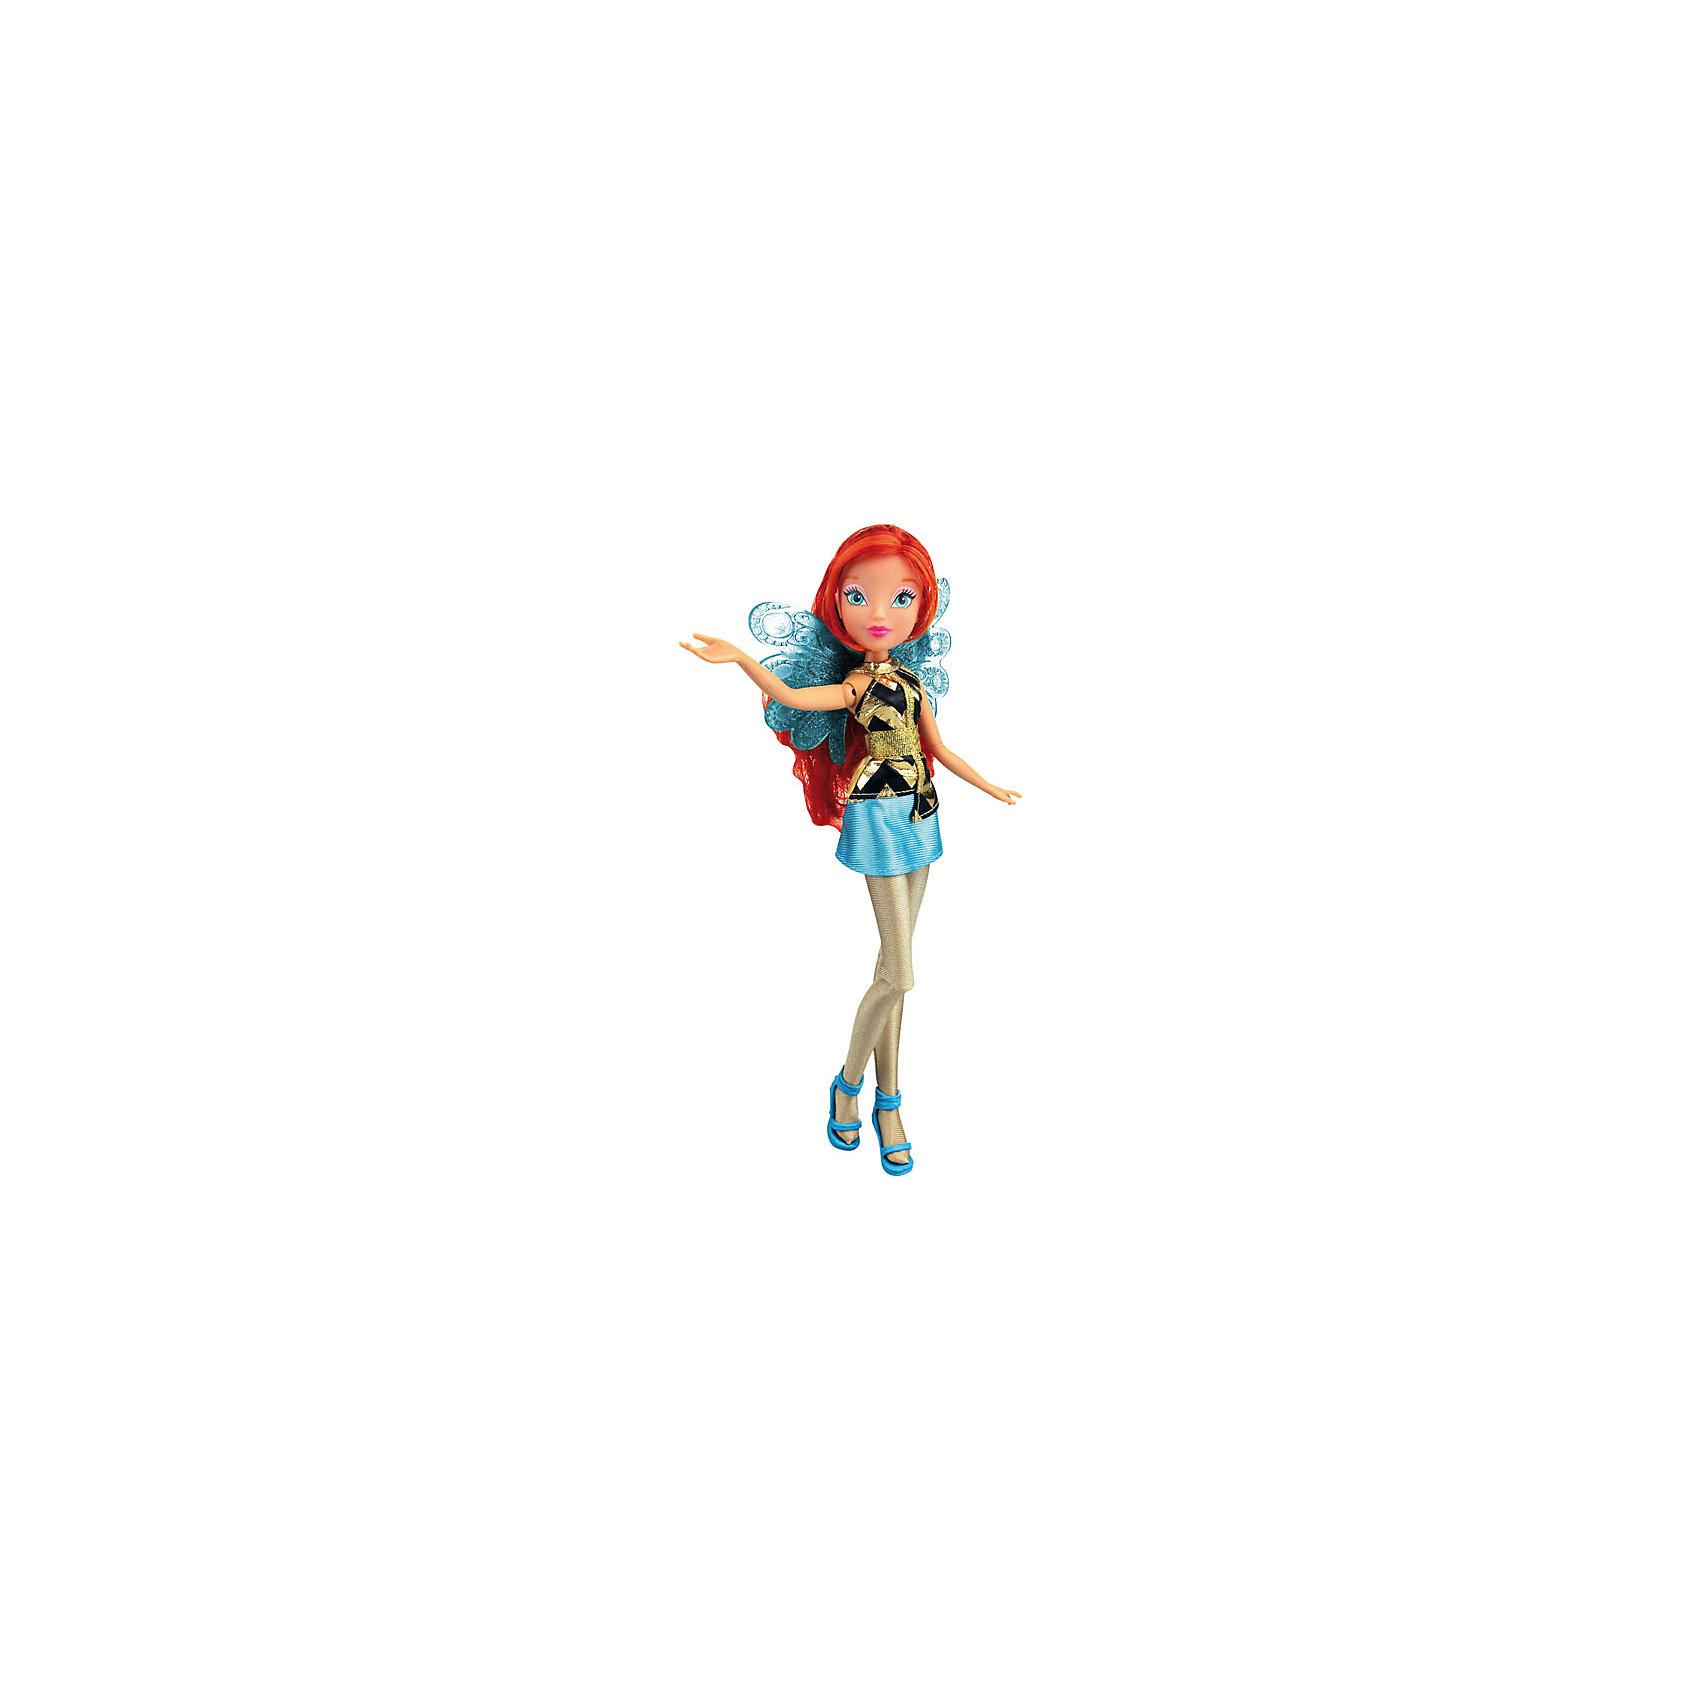 Игровой набор Блум, Волшебный трон, Winx ClubБренды кукол<br>Характеристики товара:<br><br>- цвет: разноцветный;<br>- материал: пластик, текстиль;<br>- особенности: руки и ноги сгибаются;<br>- трон превращается в гардероб с аксессуарами;<br>- размер упаковки: 22х35 см.<br><br>Такие красивые куклы не оставят ребенка равнодушным! Какая девочка откажется поиграть с куклой Winx ?! Игрушка отлично детализирована, очень качественно выполнена, поэтому она станет отличным подарком ребенку. В наборе идут одежда и аксессуары, которыми можно украсить куклу!<br>Изделие произведено из высококачественного материала, безопасного для детей.<br><br>Игровой набор Блум, Волшебный трон, от бренда Winx Club можно купить в нашем интернет-магазине.<br><br>Ширина мм: 250<br>Глубина мм: 60<br>Высота мм: 325<br>Вес г: 300<br>Возраст от месяцев: 36<br>Возраст до месяцев: 2147483647<br>Пол: Женский<br>Возраст: Детский<br>SKU: 5047568